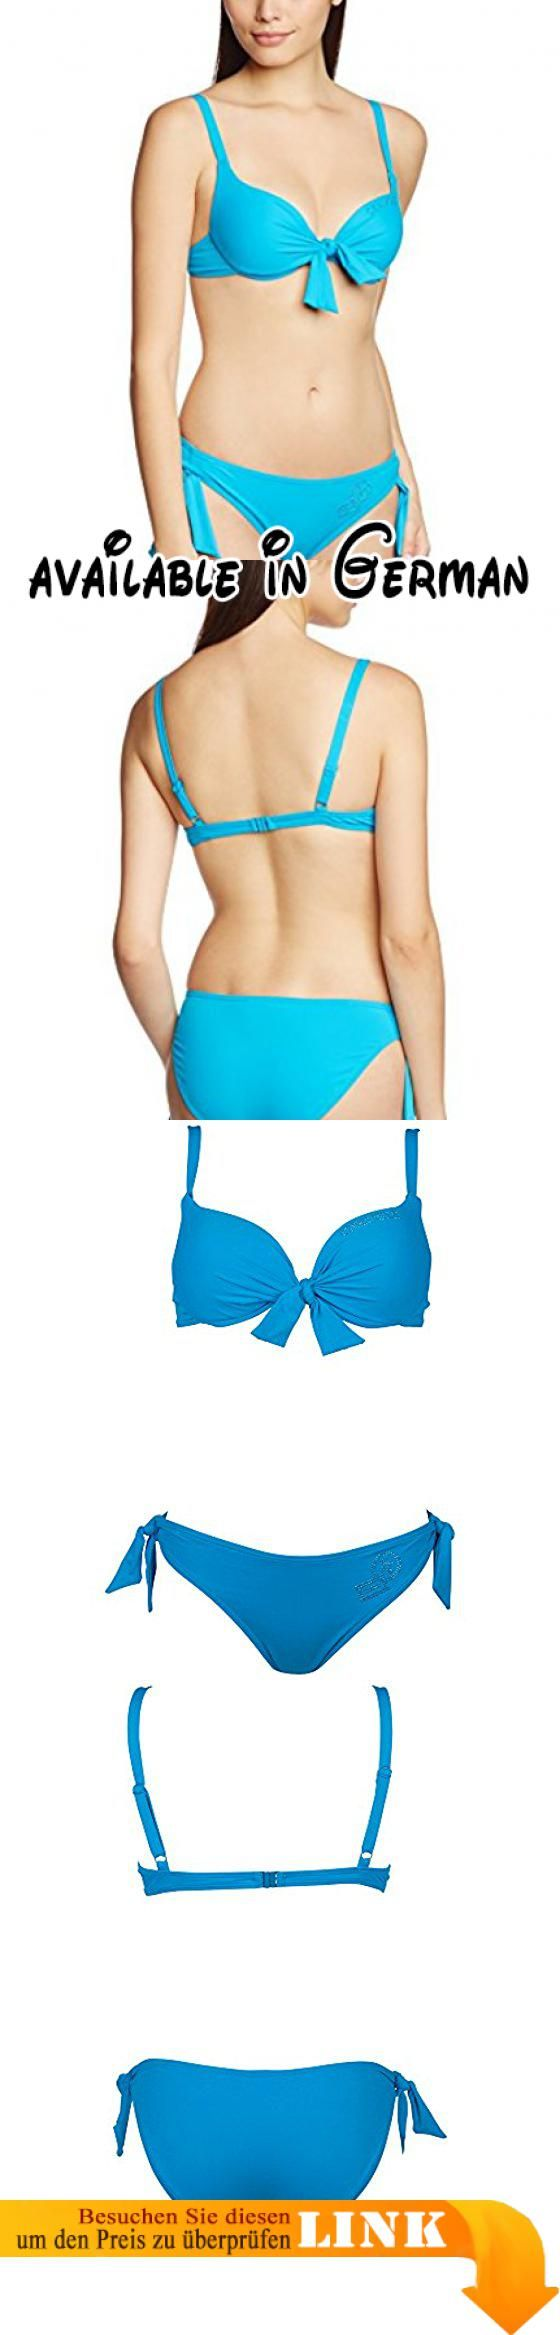 Chiemsee Damen Bikini Badeanzug Iben, Hawaiian Ocean, S, 1080710. Leuchtendes Blau und die perfekte Passform!. Der Bikini aus schnell trocknenden Material hat am Rücken einen Schnellverschluss und verstellbare Träger. Das gepolsterte Oberteil sorgt für ein tolles Dekolleté. Die Knoten am Dekolleté und an der Hose geben dem Bikini nicht nur das gewisse Etwas, sie sind auch individuell verstellbar für die perfekte Passform. Die Bikinihose hat einen Standard Schnitt in